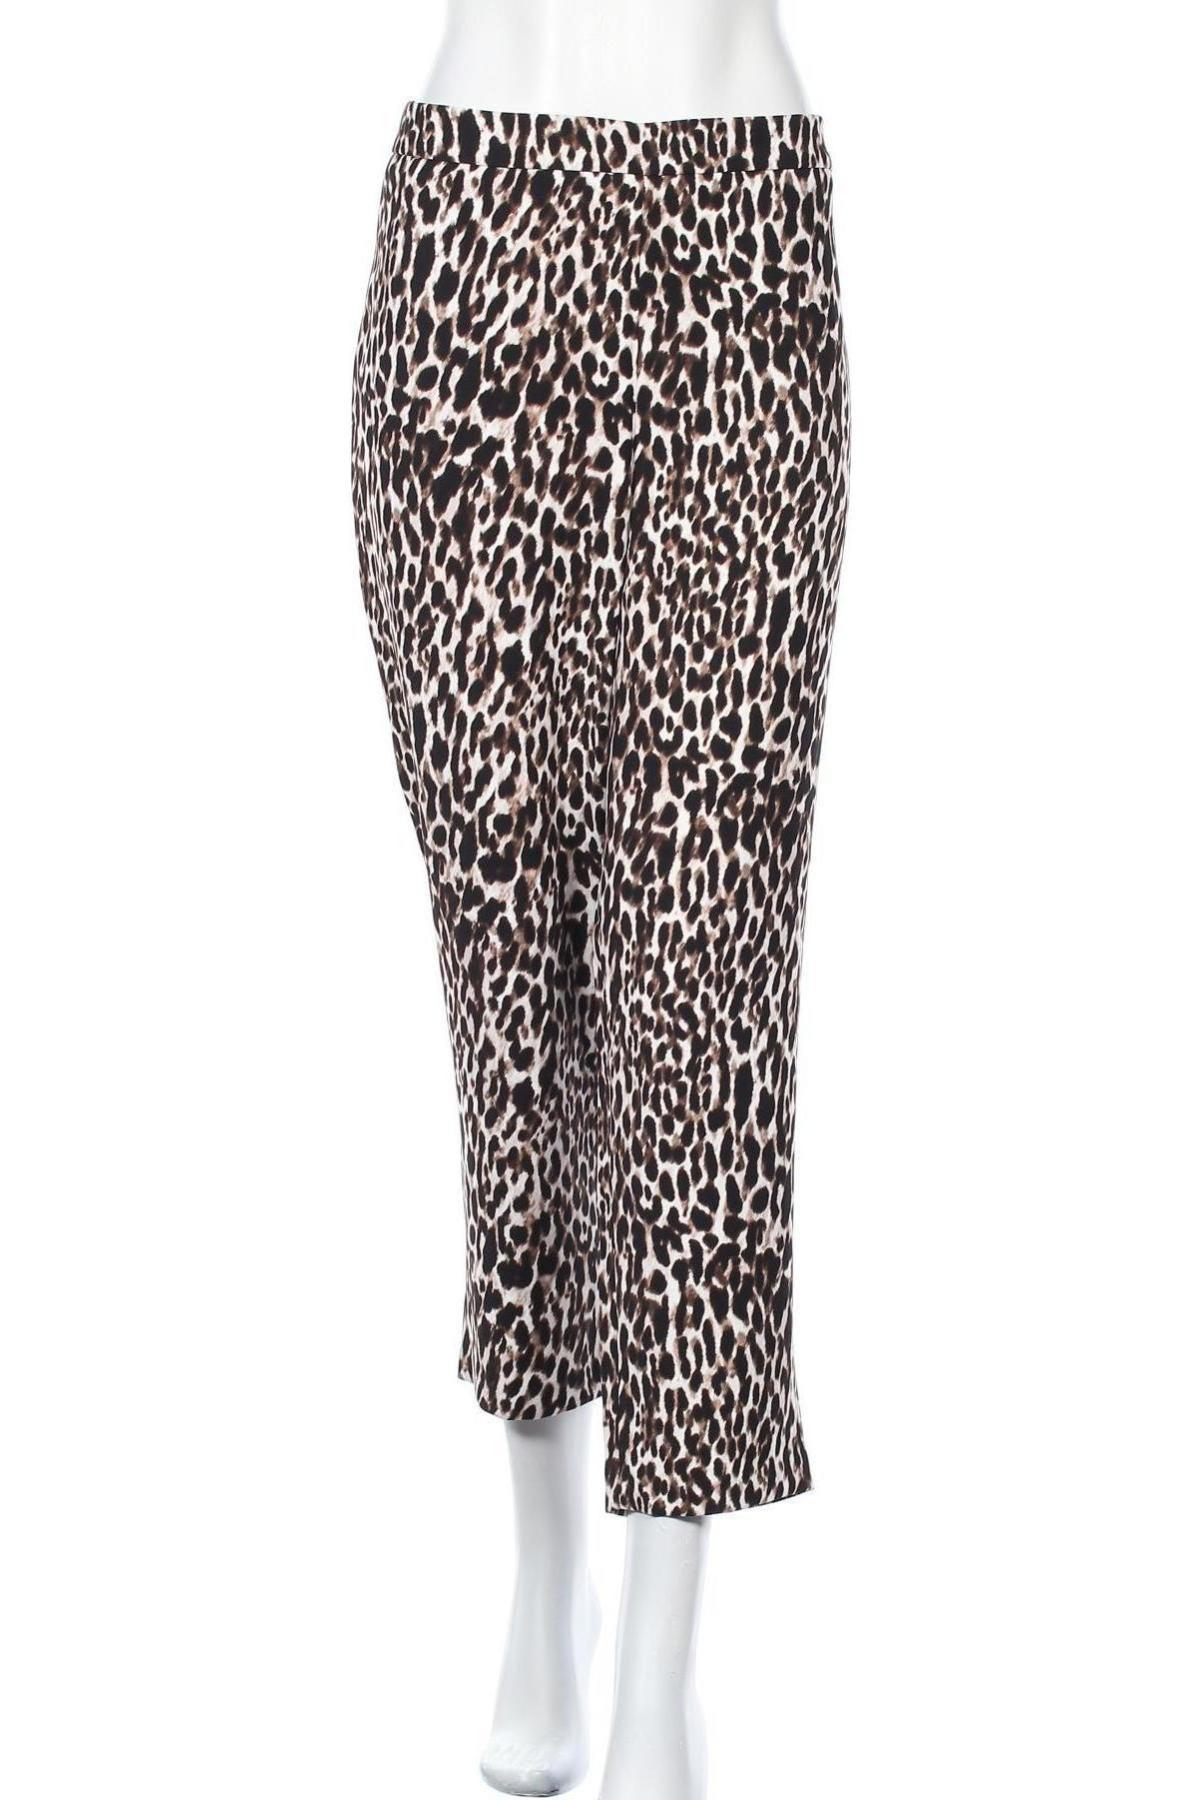 Γυναικείο παντελόνι Banana Republic, Μέγεθος L, Χρώμα Πολύχρωμο, Πολυεστέρας, Τιμή 69,20€